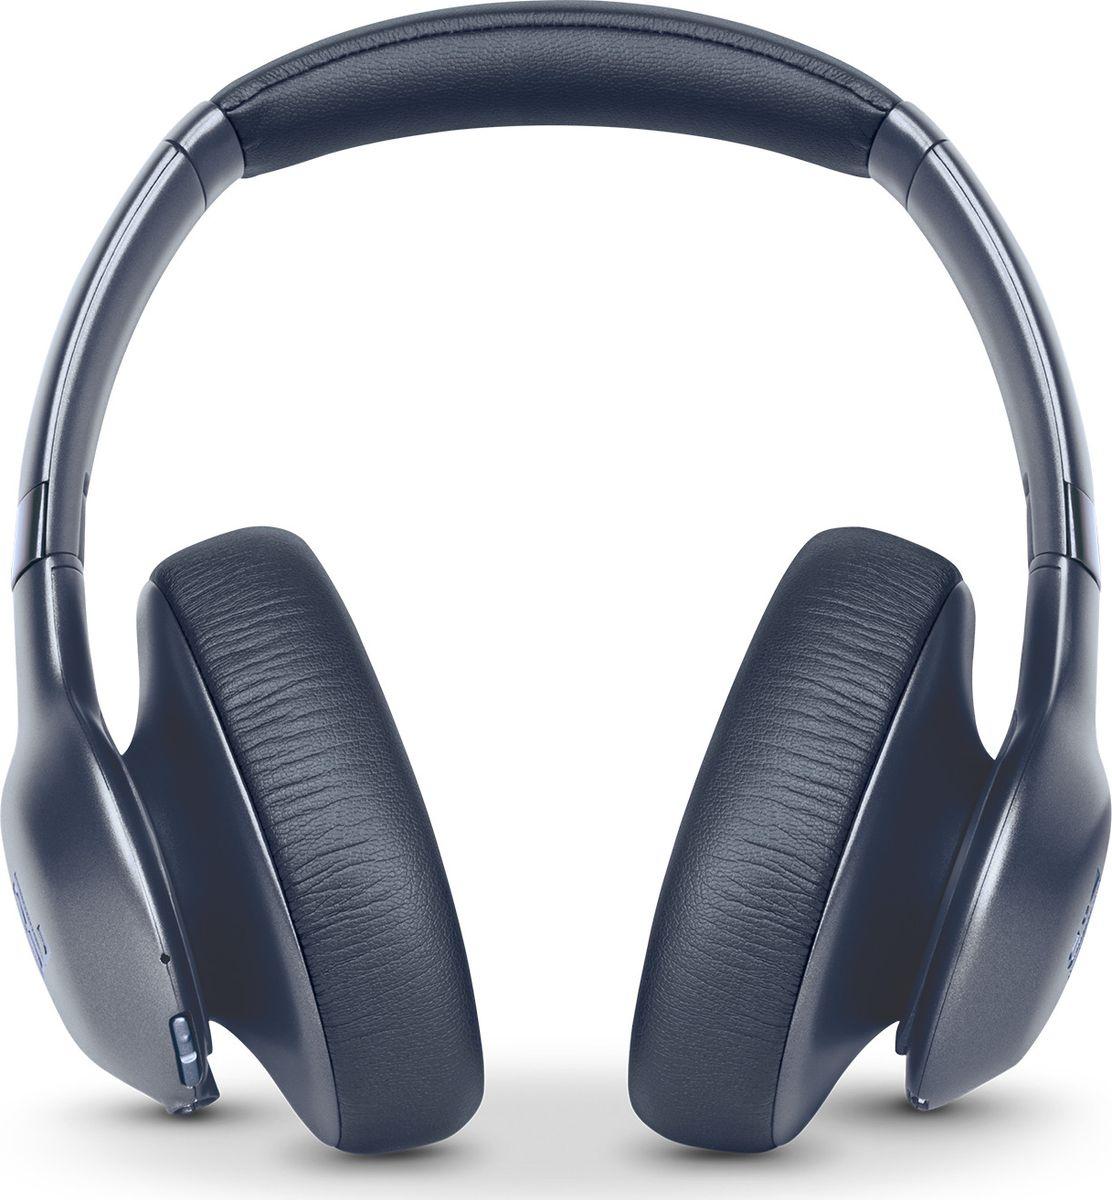 JBL Everest Elite 750NC, Blue наушникиJBLV750NXTBLUНаушники с тщательно продуманной конструкцией предоставляют до 20часов удовольствия от прослушивания без проводов на одной зарядке. В режиме активного шумоподавления (ANC), позволяющем выбирать, какие именно шумы необходимо подавлять, наушники работают до 15 часов. Быстрая 3-часовая зарядка, микрофон с функцией эхоподавления для звонков в режиме «hands-free», легендарное качество звука JBL Pro, компактный чехол для переноски и удобство при складывании делают эти наушники идеальными для путешествий. Созданные из материалов премиумкласса и выполненные в металлических оттенках, эти элегантные наушники предназначены для плотной посадки и долговременного удобства прослушивания. Приложение My JBL Headphones позволяет пользователям загружать обновления для наушников, а также включает функцию автоматической калибровки звука TruNote™ Auto Sound Calibration, предназначенную для индивидуальной настройки звучания в зависимости от прилегания чашек наушников, обеспечивая наилучшее качество звука. Для индивидуальной настройки наушников Everest Elite 750NC можно воспользоваться ПО JBL EVEREST ELITE SDK, удостоенного награды CES в области инноваций за 2017 года. Внастоящее время ПО доступно на сайте www.developer.harman.com. Позвольте себе этот звук.